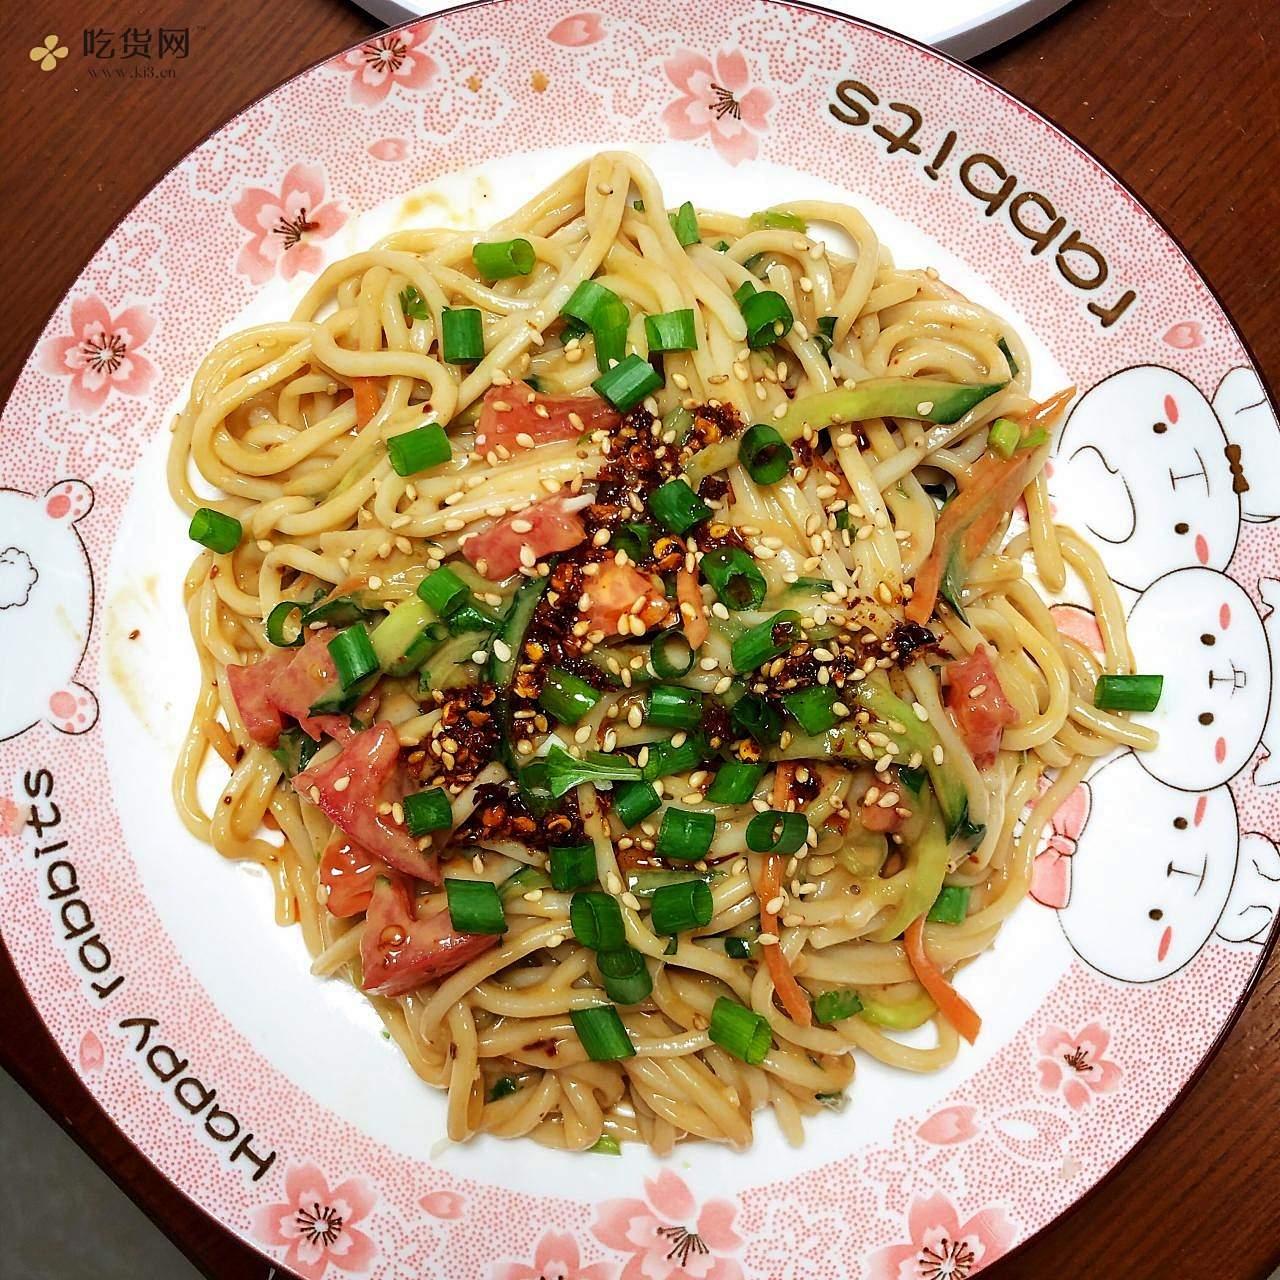 夏日快手饭菜麻酱凉拌面的做法 步骤7